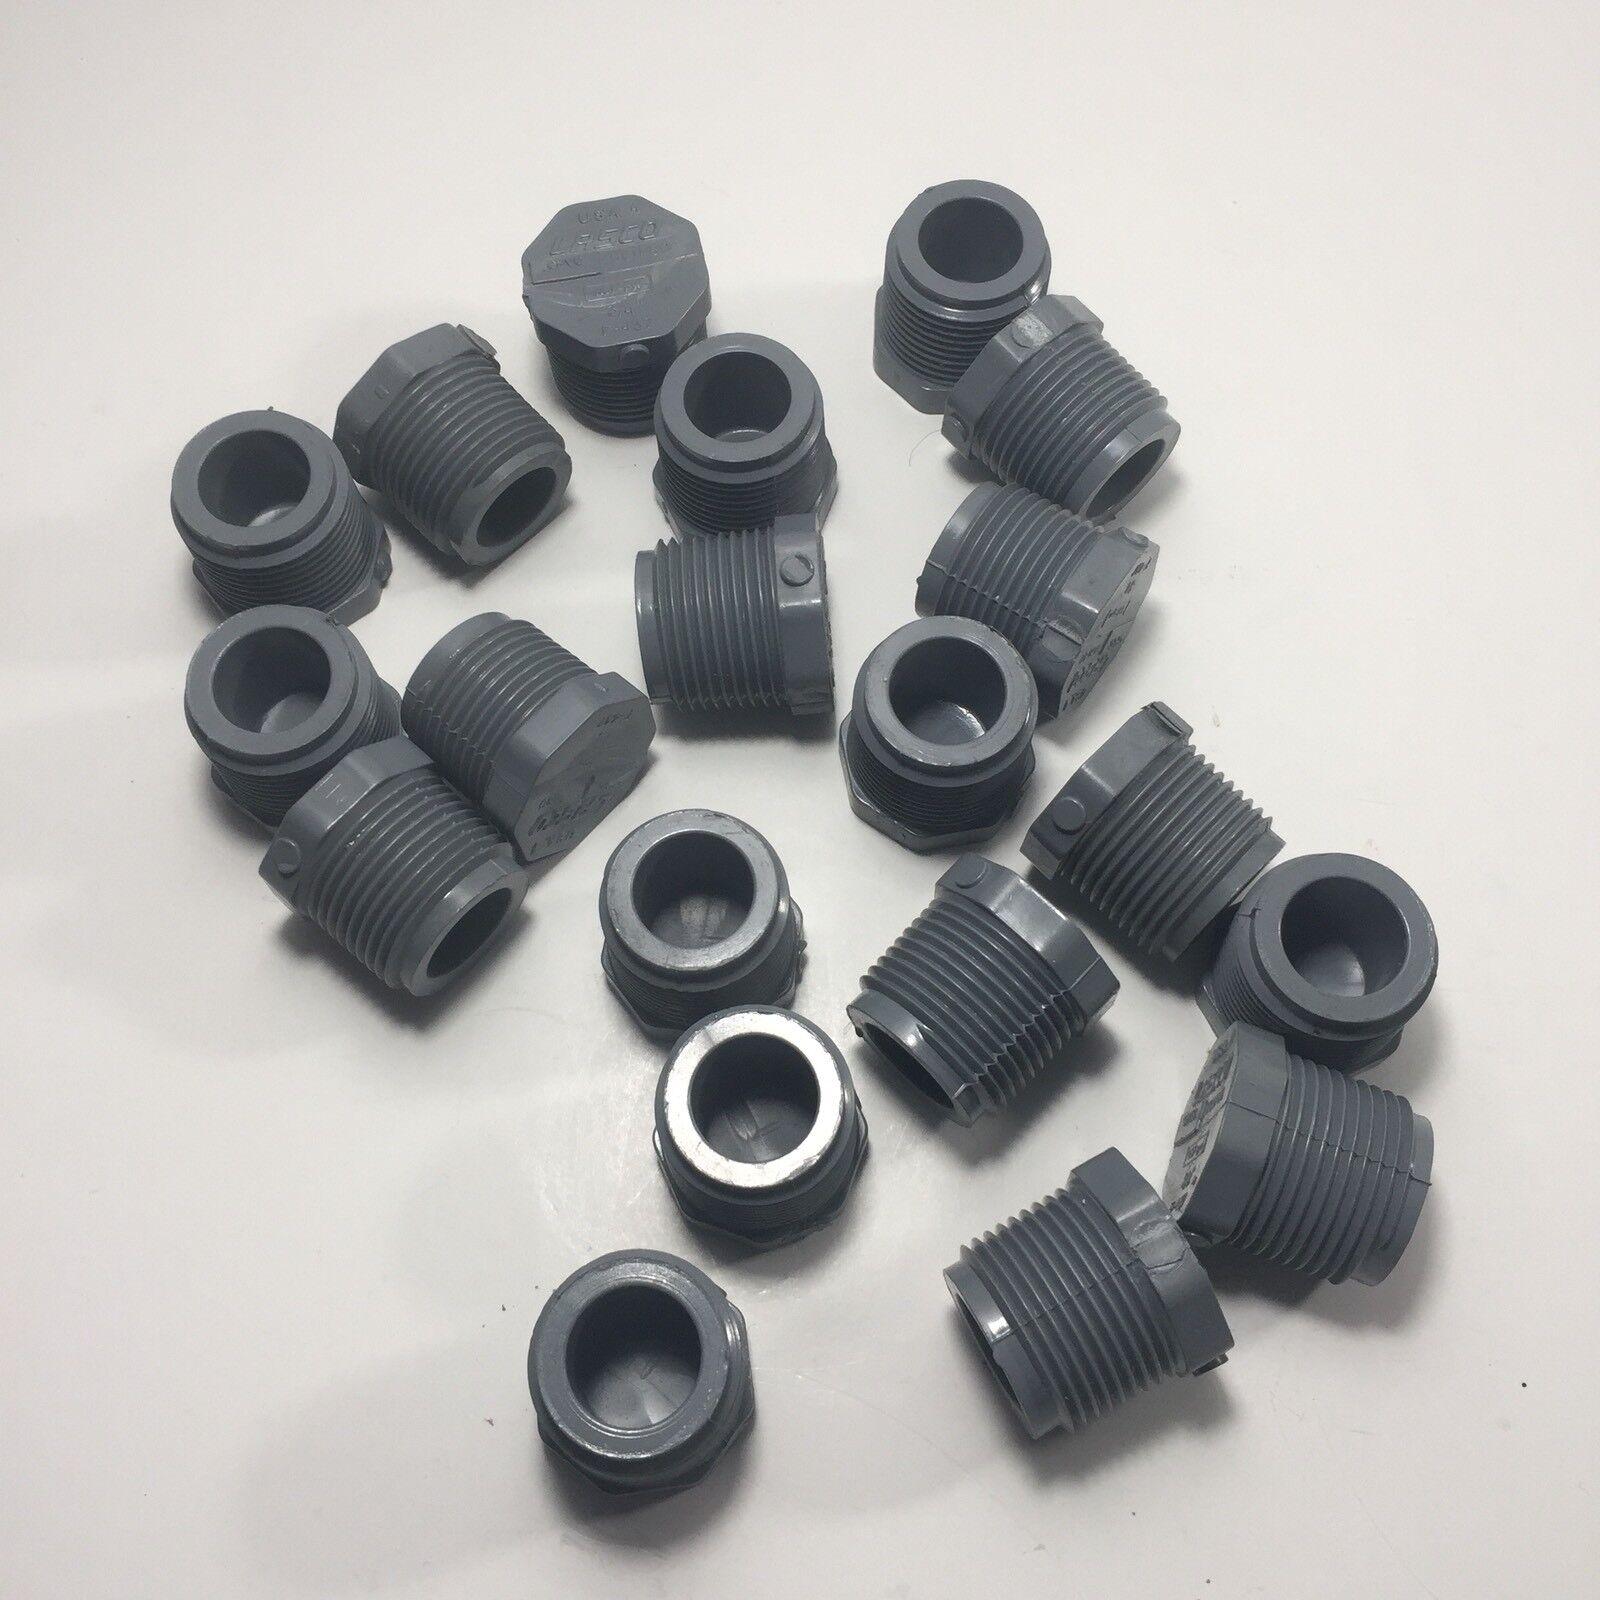 Lote de 20 LASCO 9850-007 - 3 4 anexo 80 gris enchufe de PVC roscado